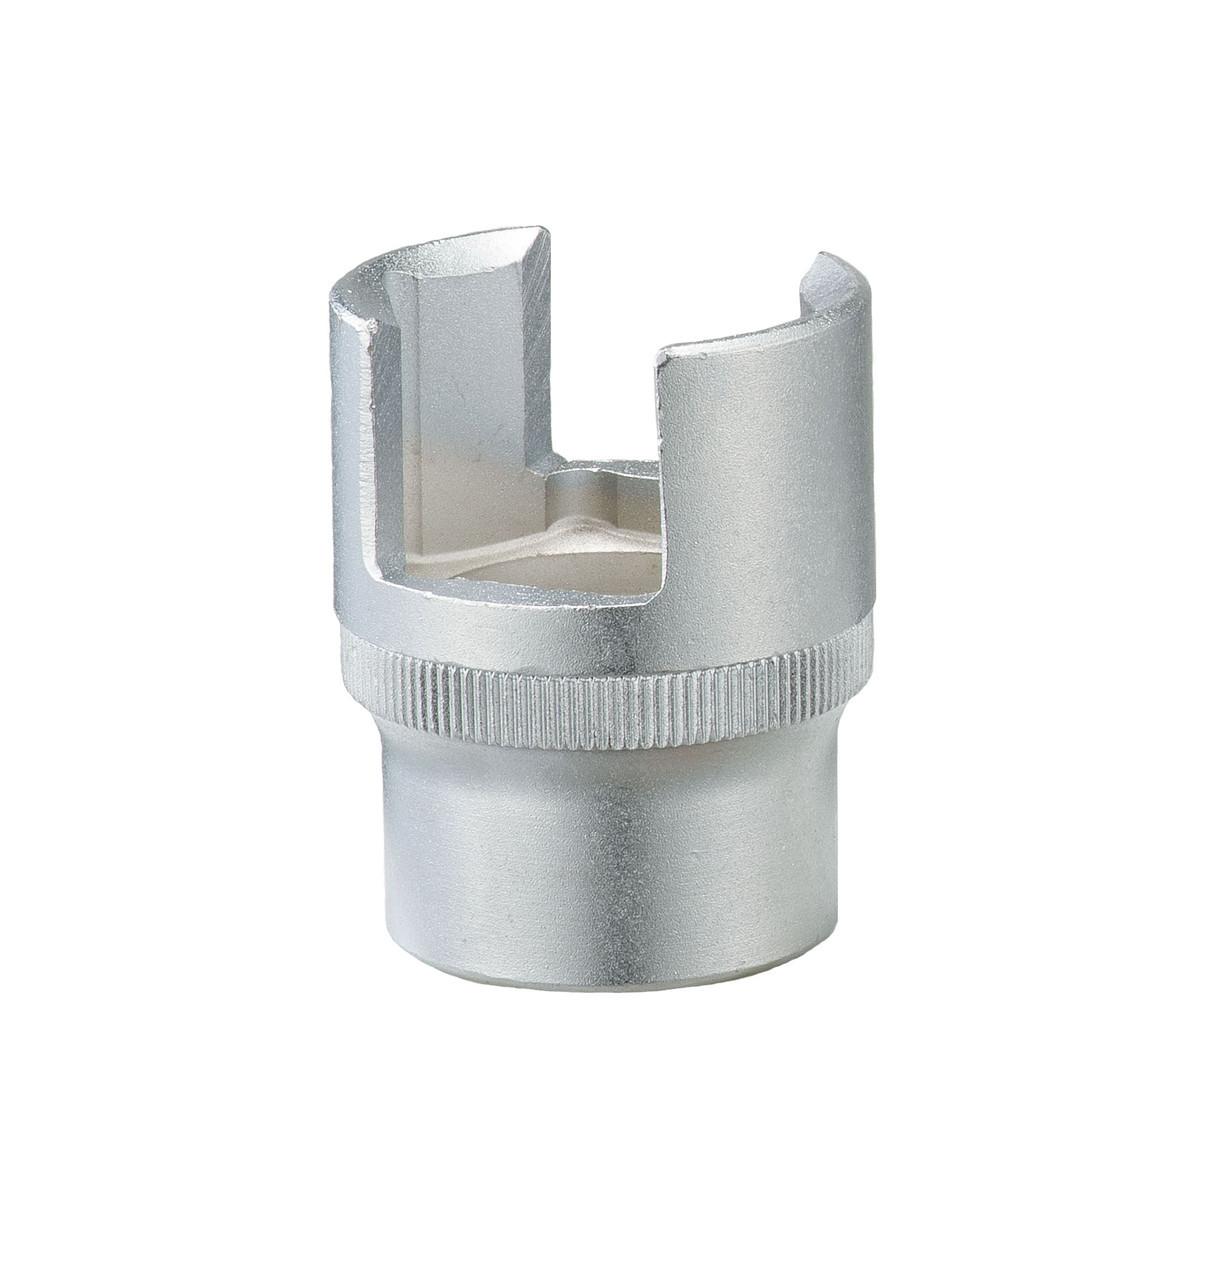 Сервисная головка для замены топливного фильтра дизельных двигателей HDI